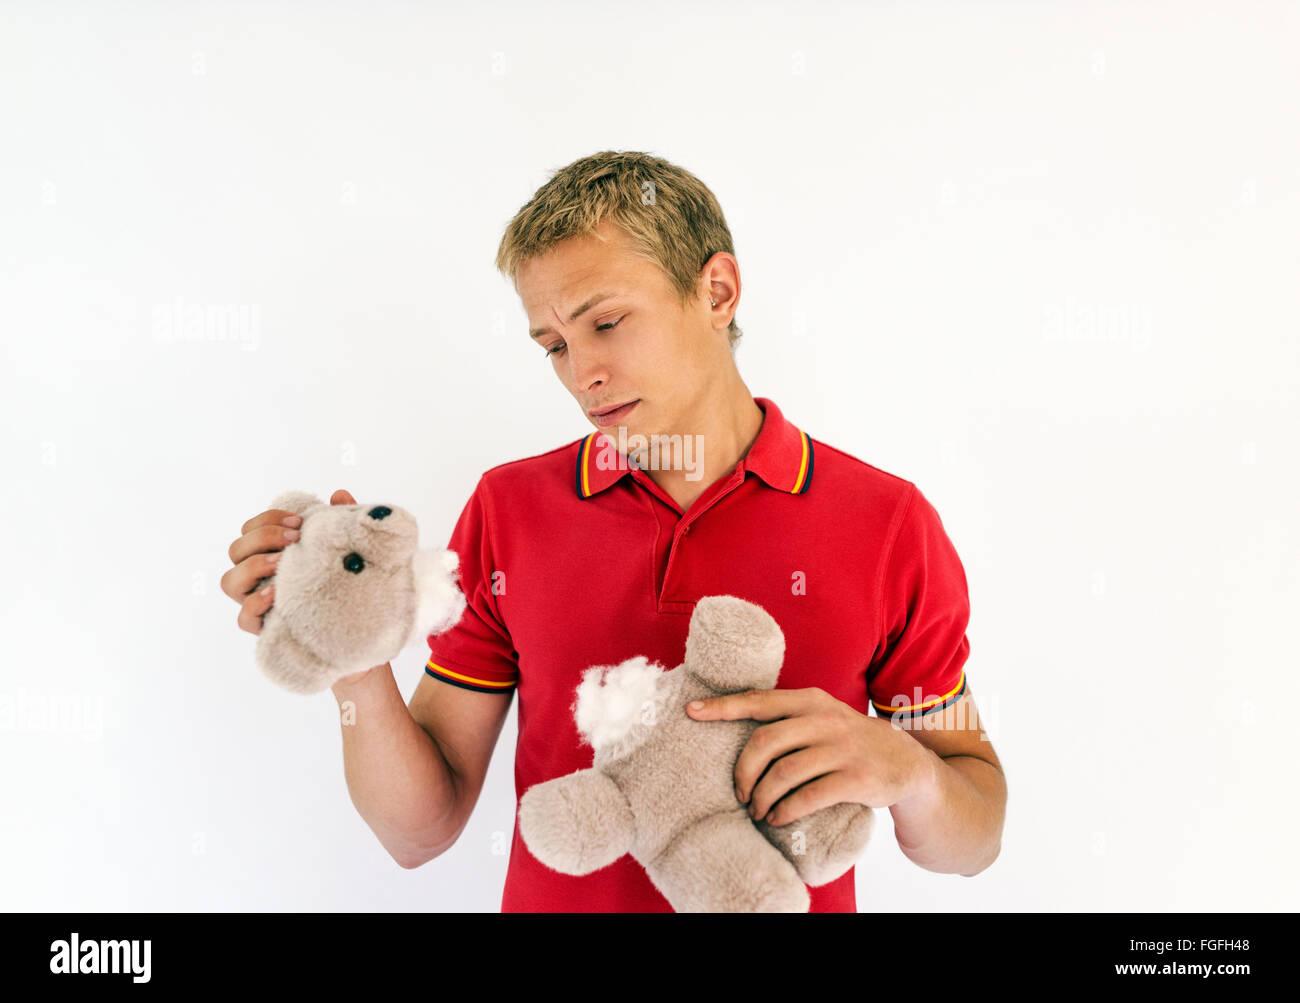 Hombre sujetando la cabeza y el cuerpo de un lindo oso de peluche juguetes buscando triste Foto de stock